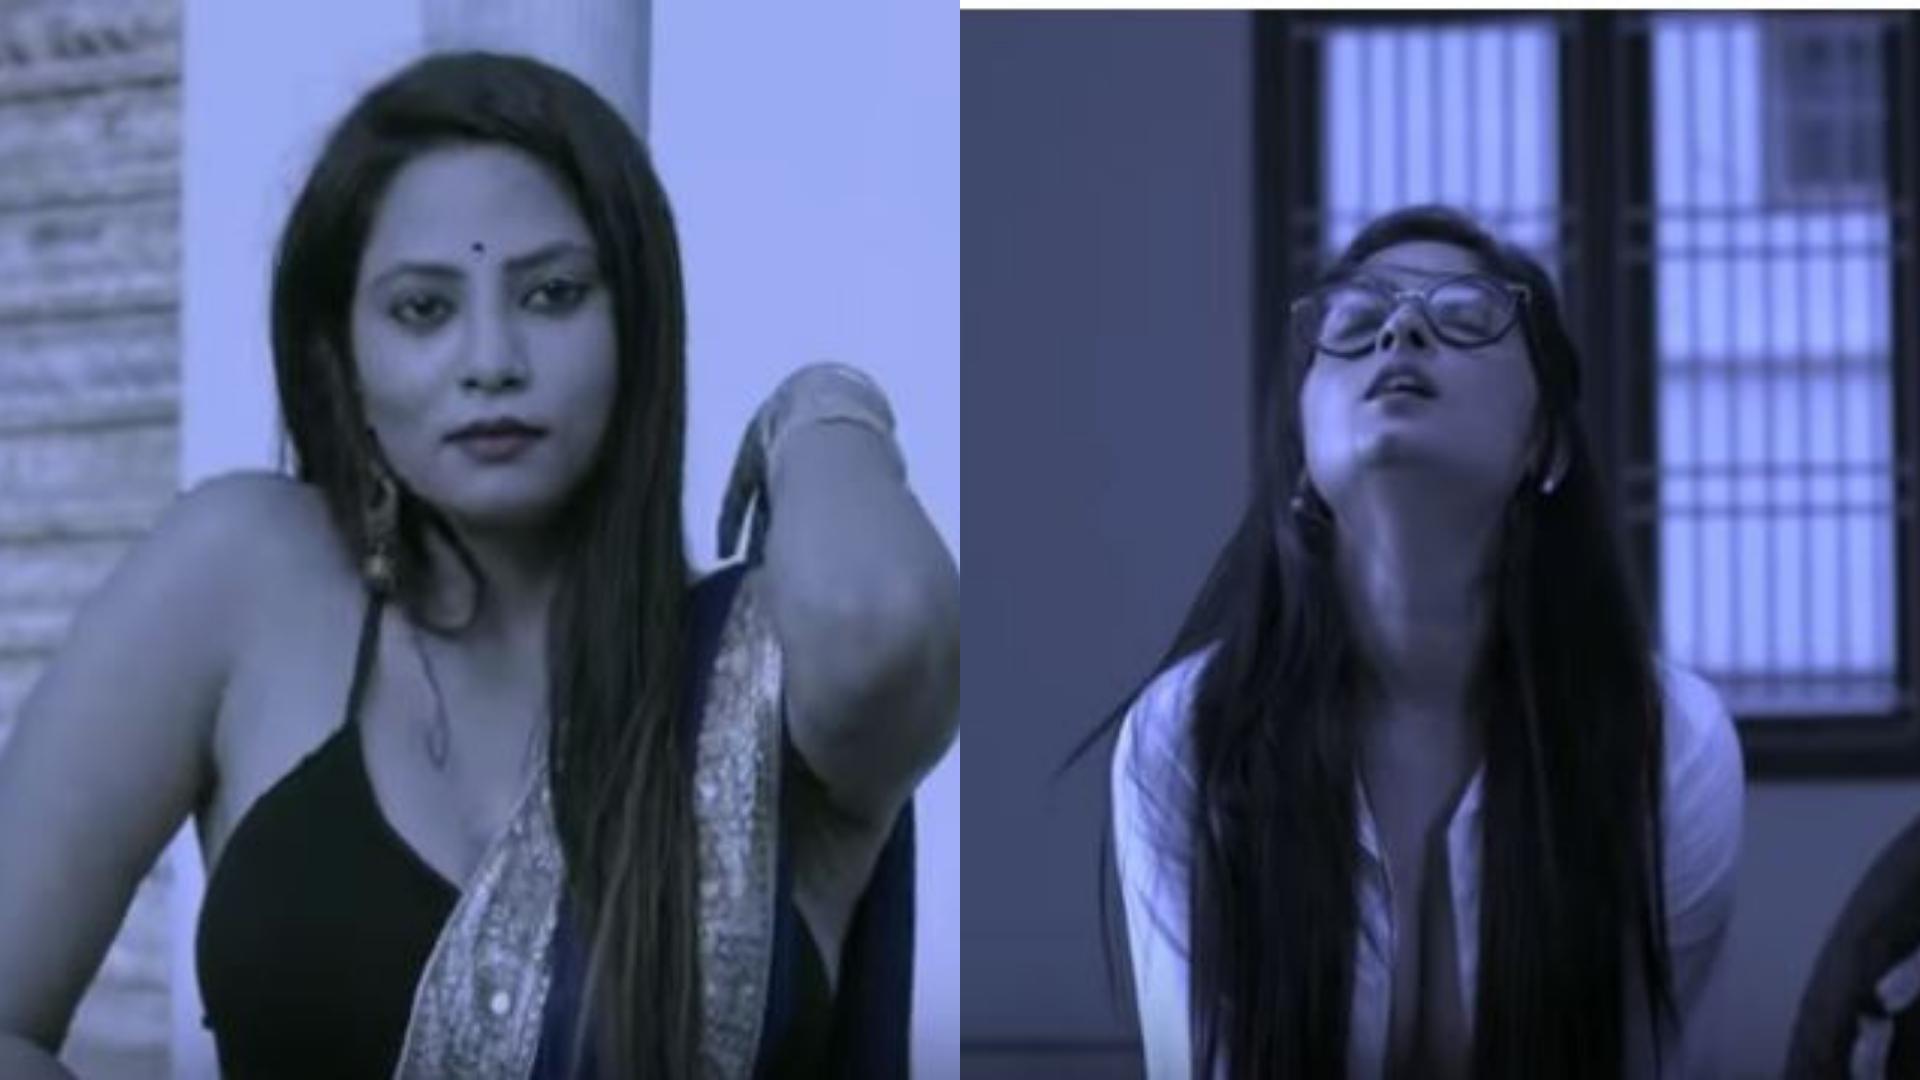 Yedu chepala Katha Trailer